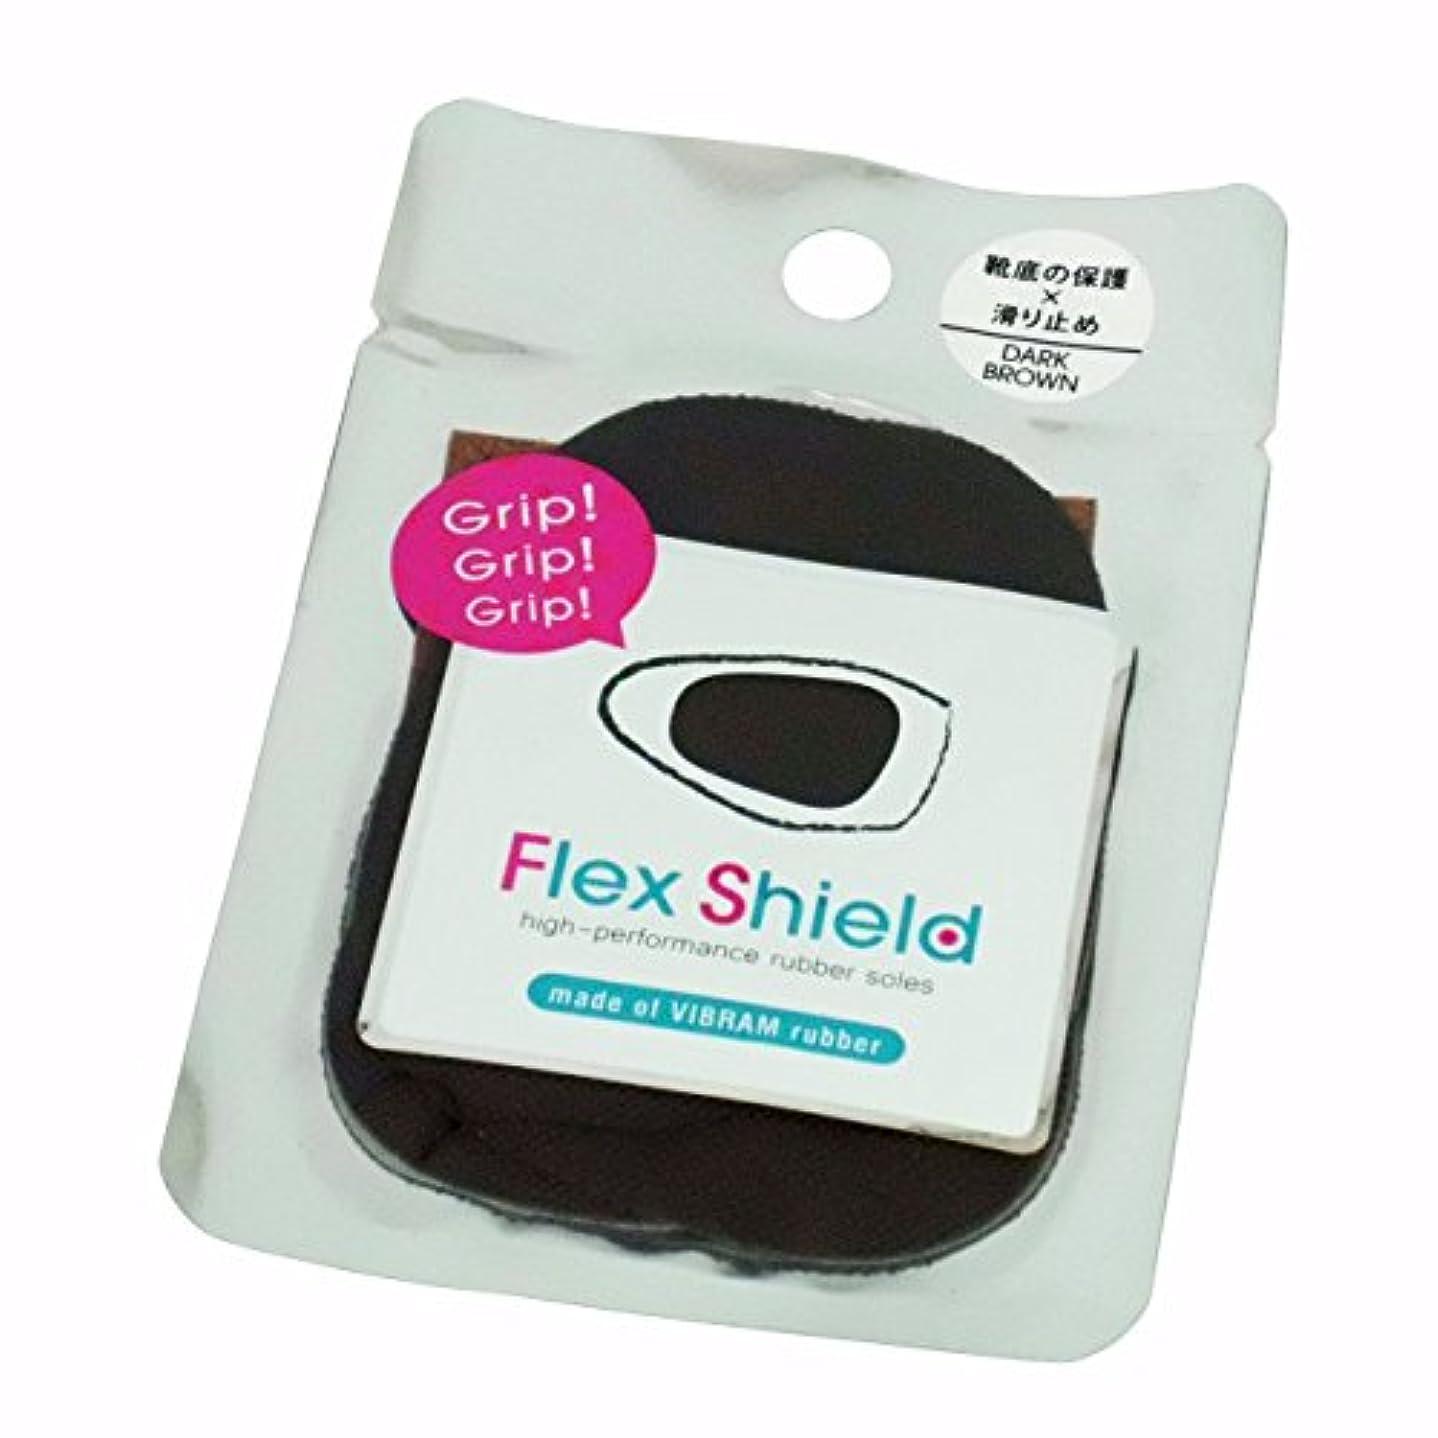 フレックスシールド (flex shield) ダークブラウン